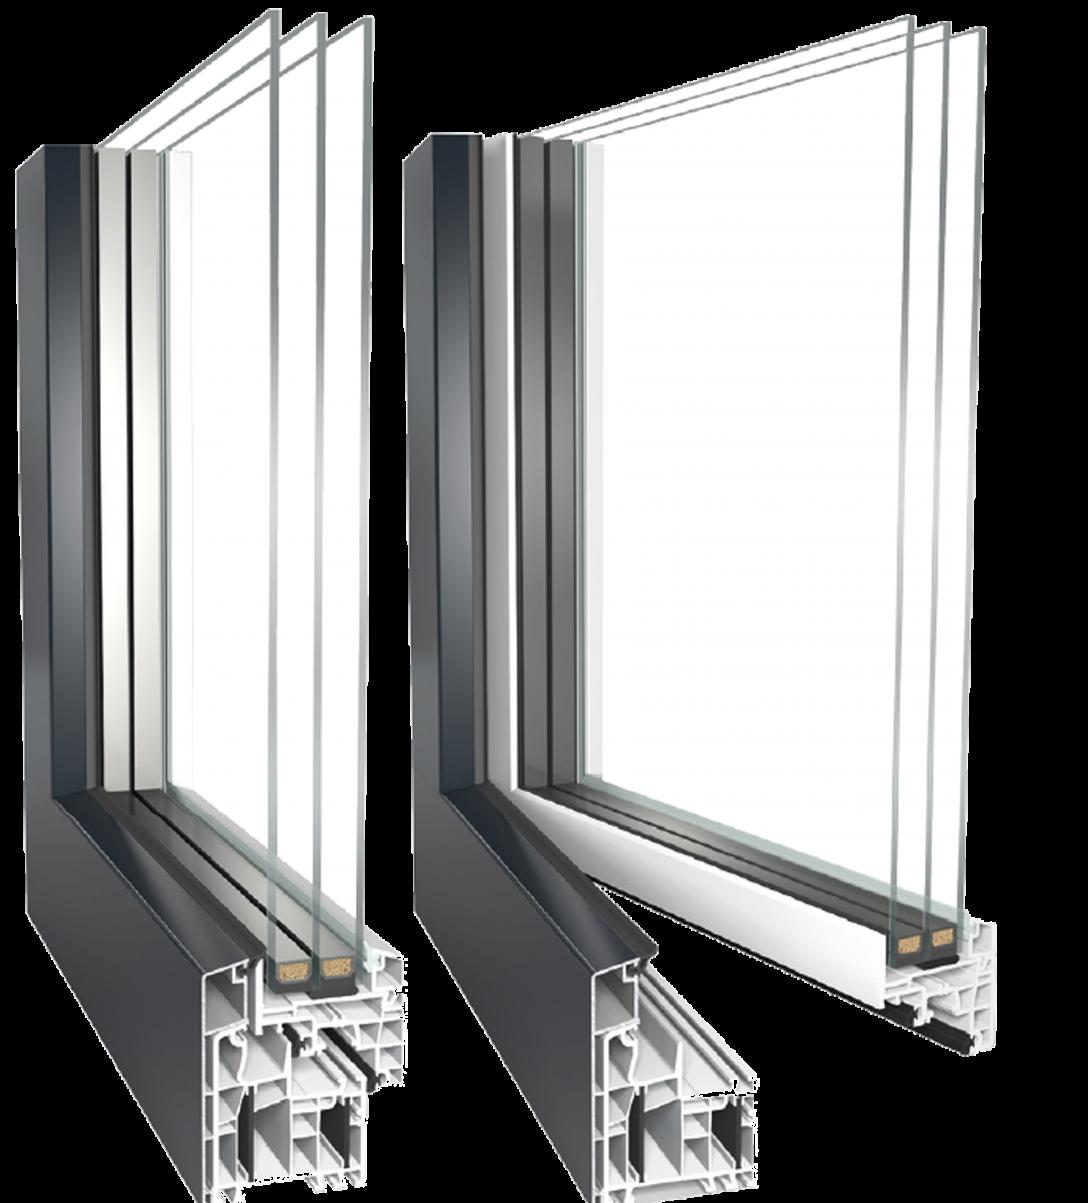 Large Size of Fenster Kunststoff Kunststofffenster Energeto View 5000 Fenster100 Velux Pvc Kbe Alarmanlage Mit Eingebauten Rolladen Spielhaus Garten Einbruchsicher Fenster Fenster Kunststoff